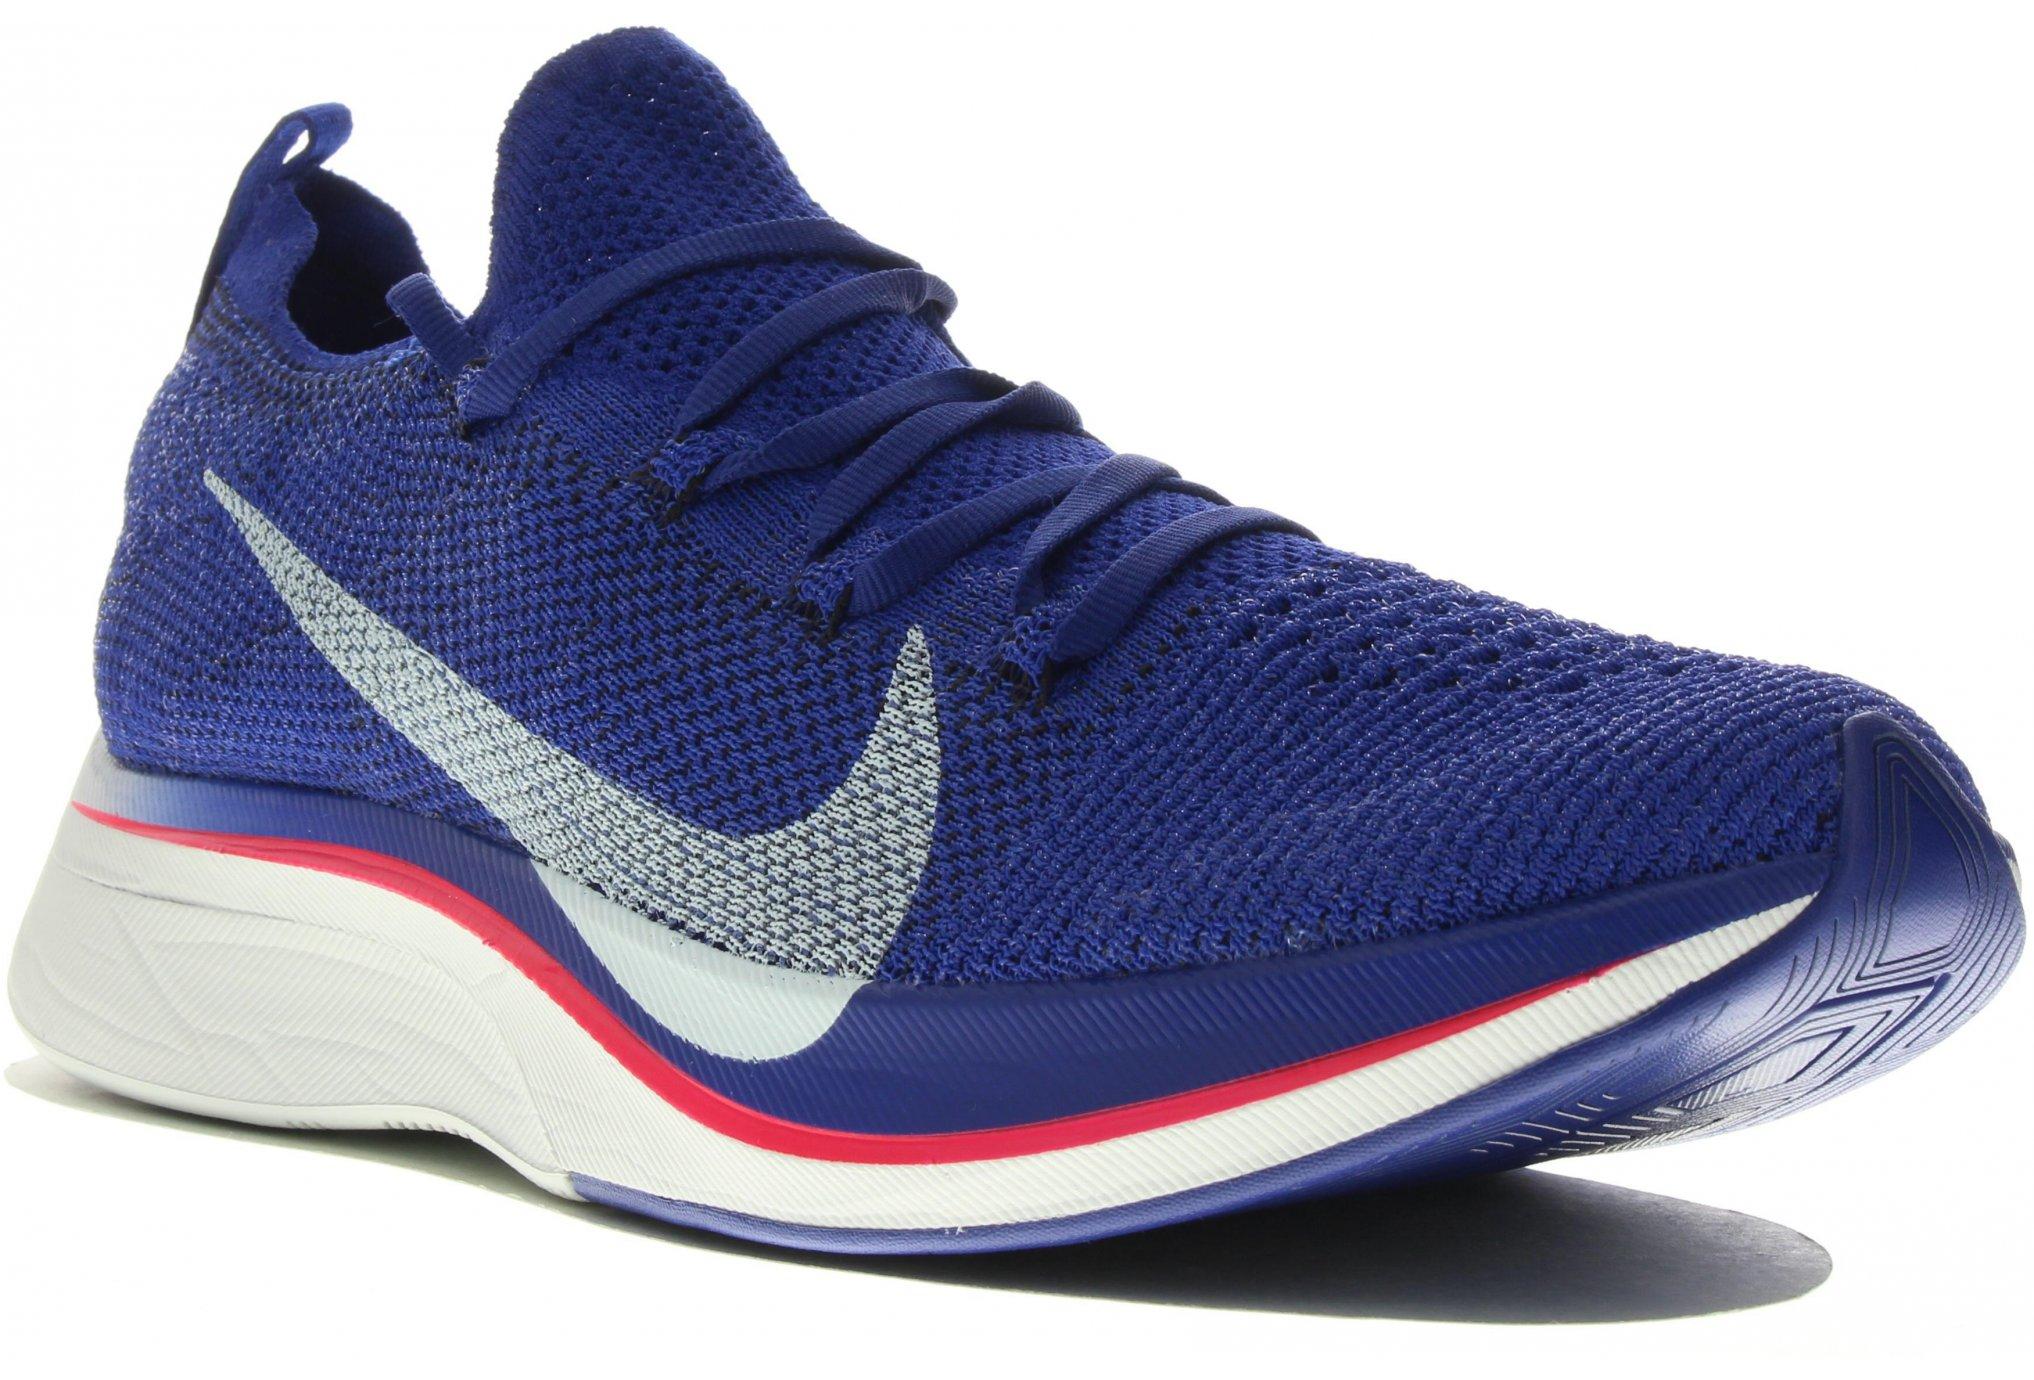 Nike Zoom VaporFly 4% Flyknit Fast